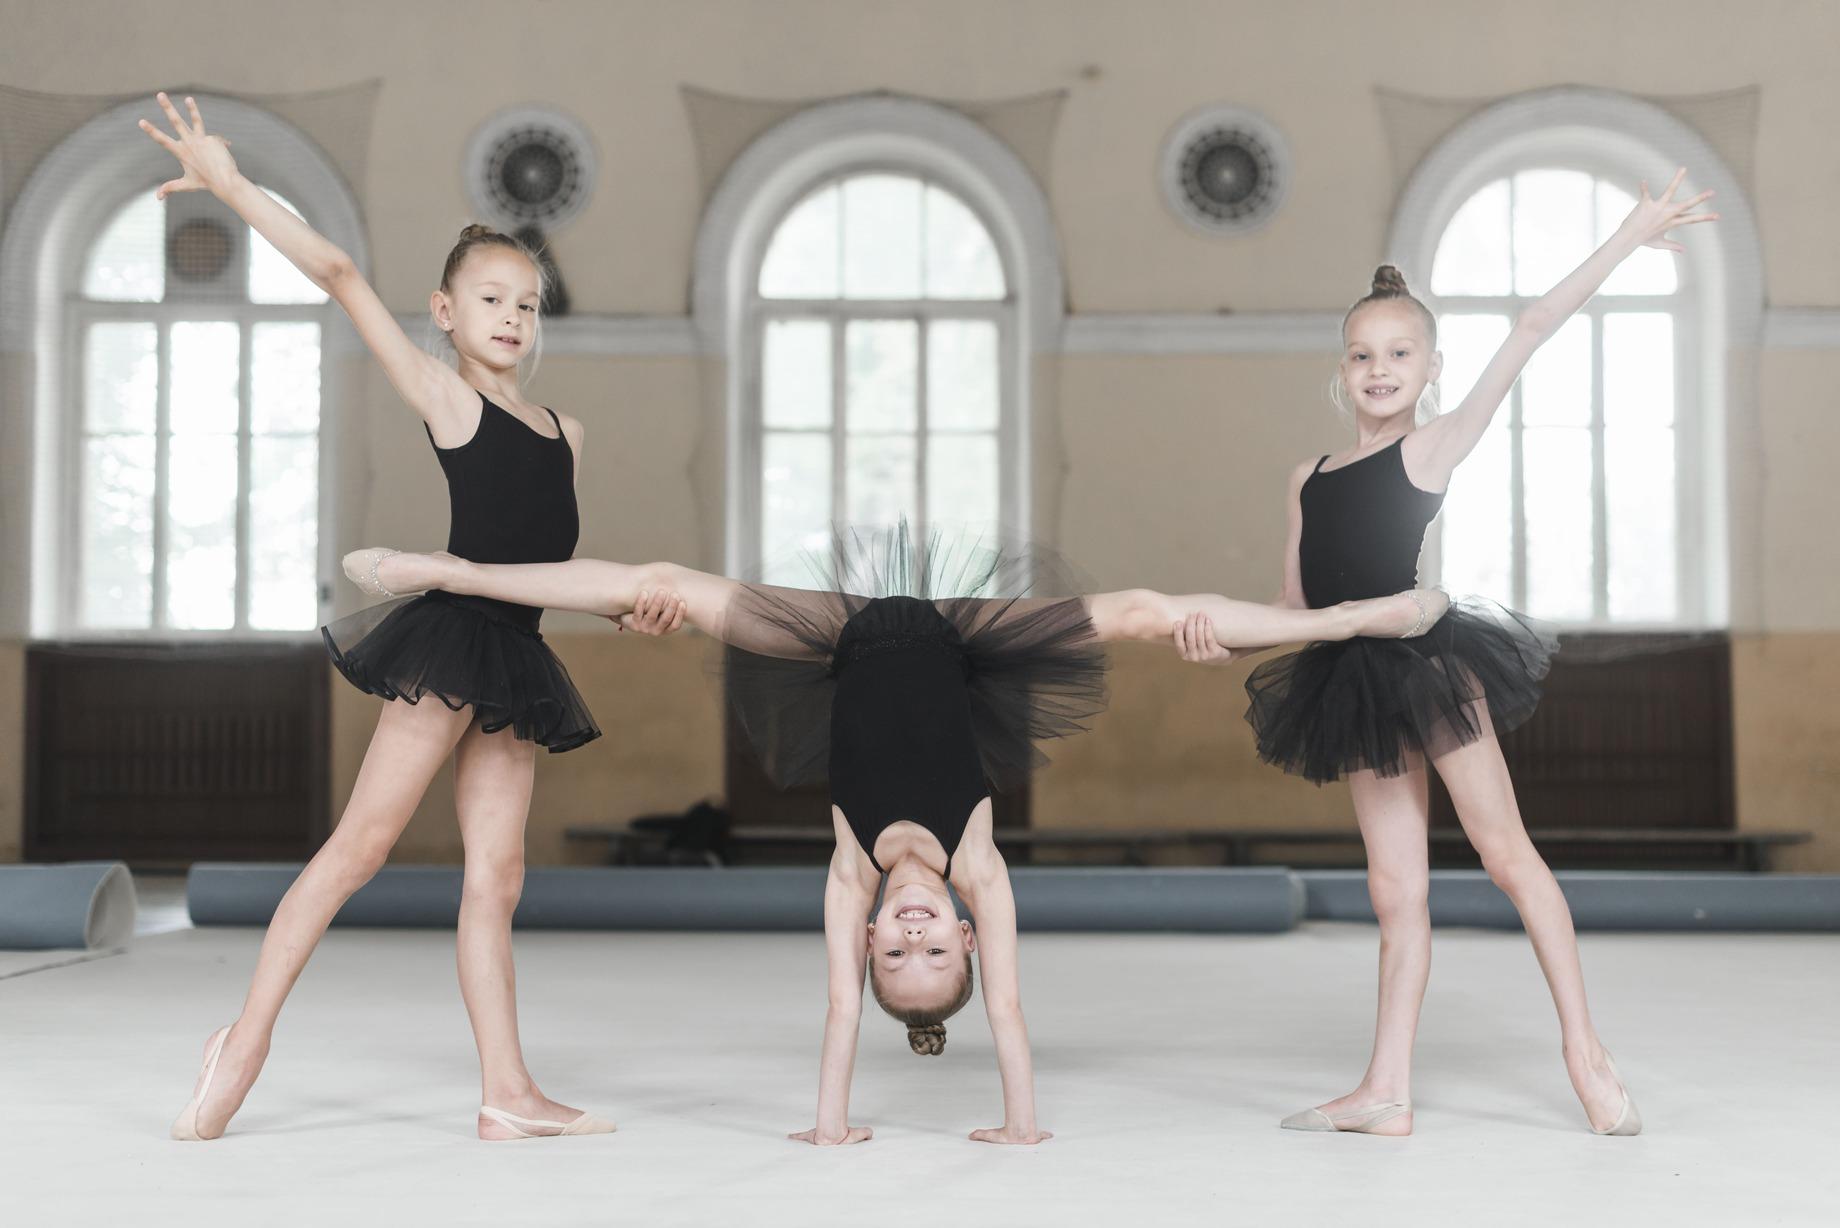 ballerina-girls-stretching-dance-class (1)